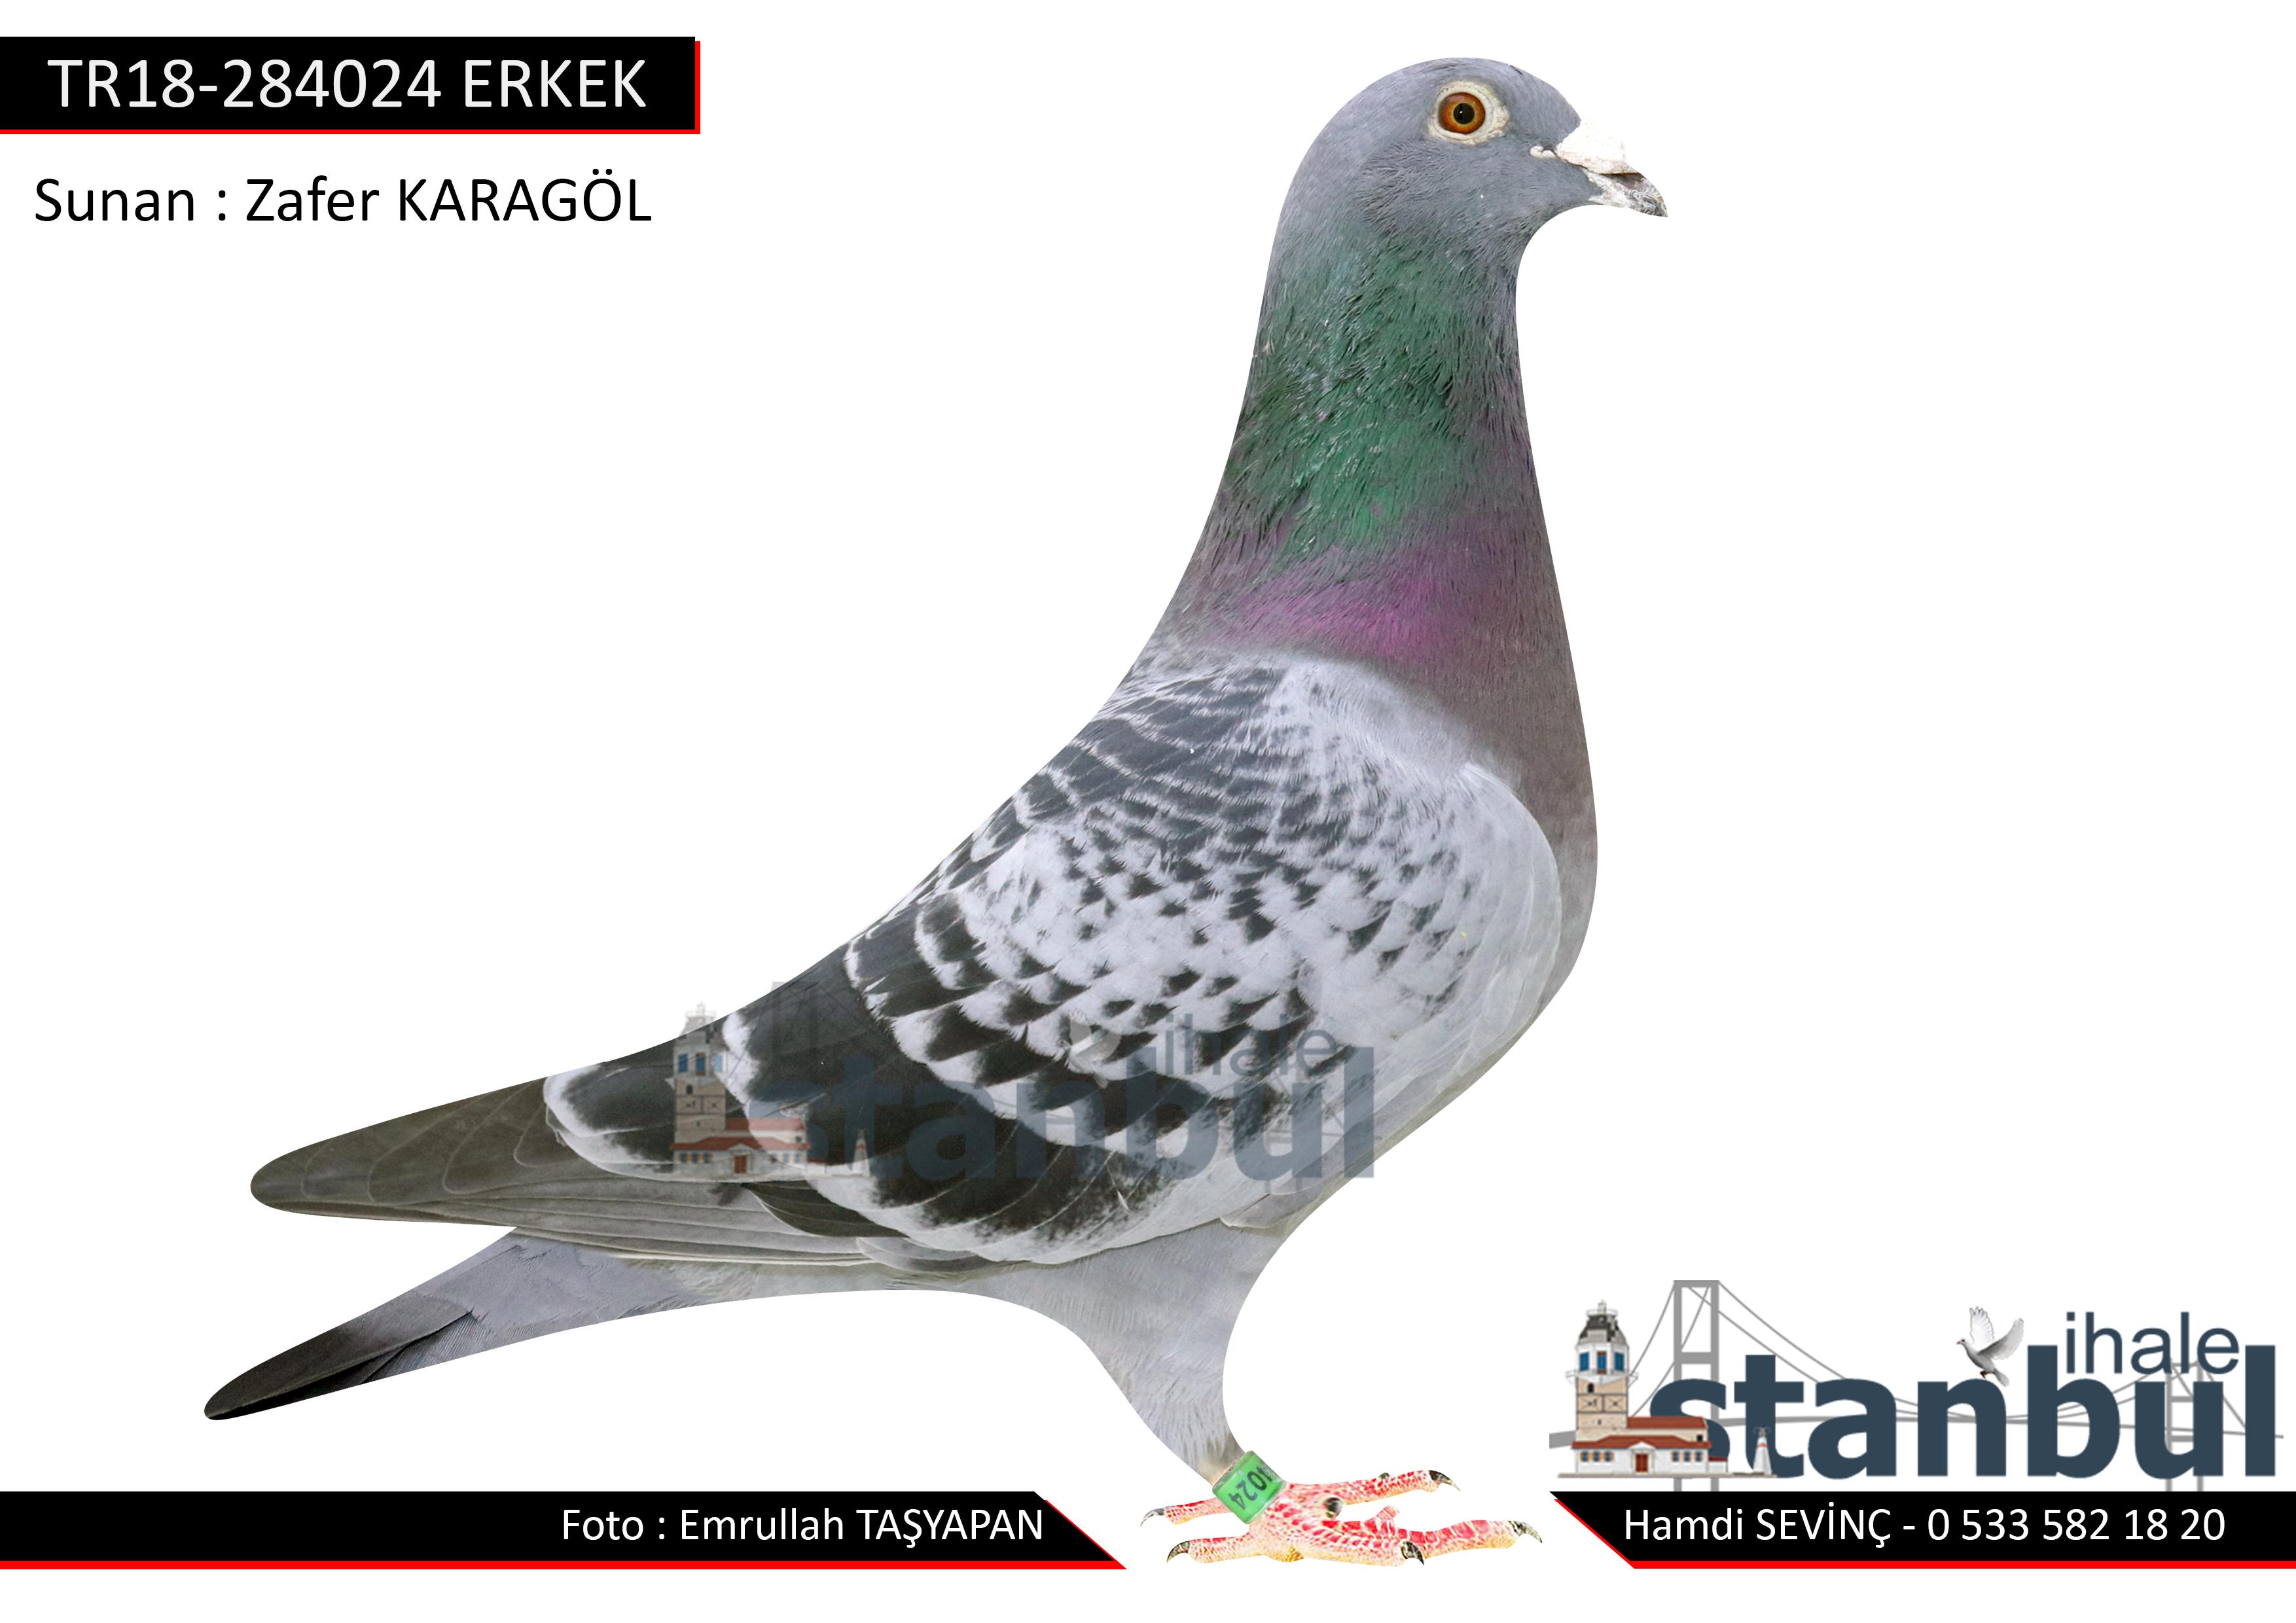 TR18-284024 ERKEK